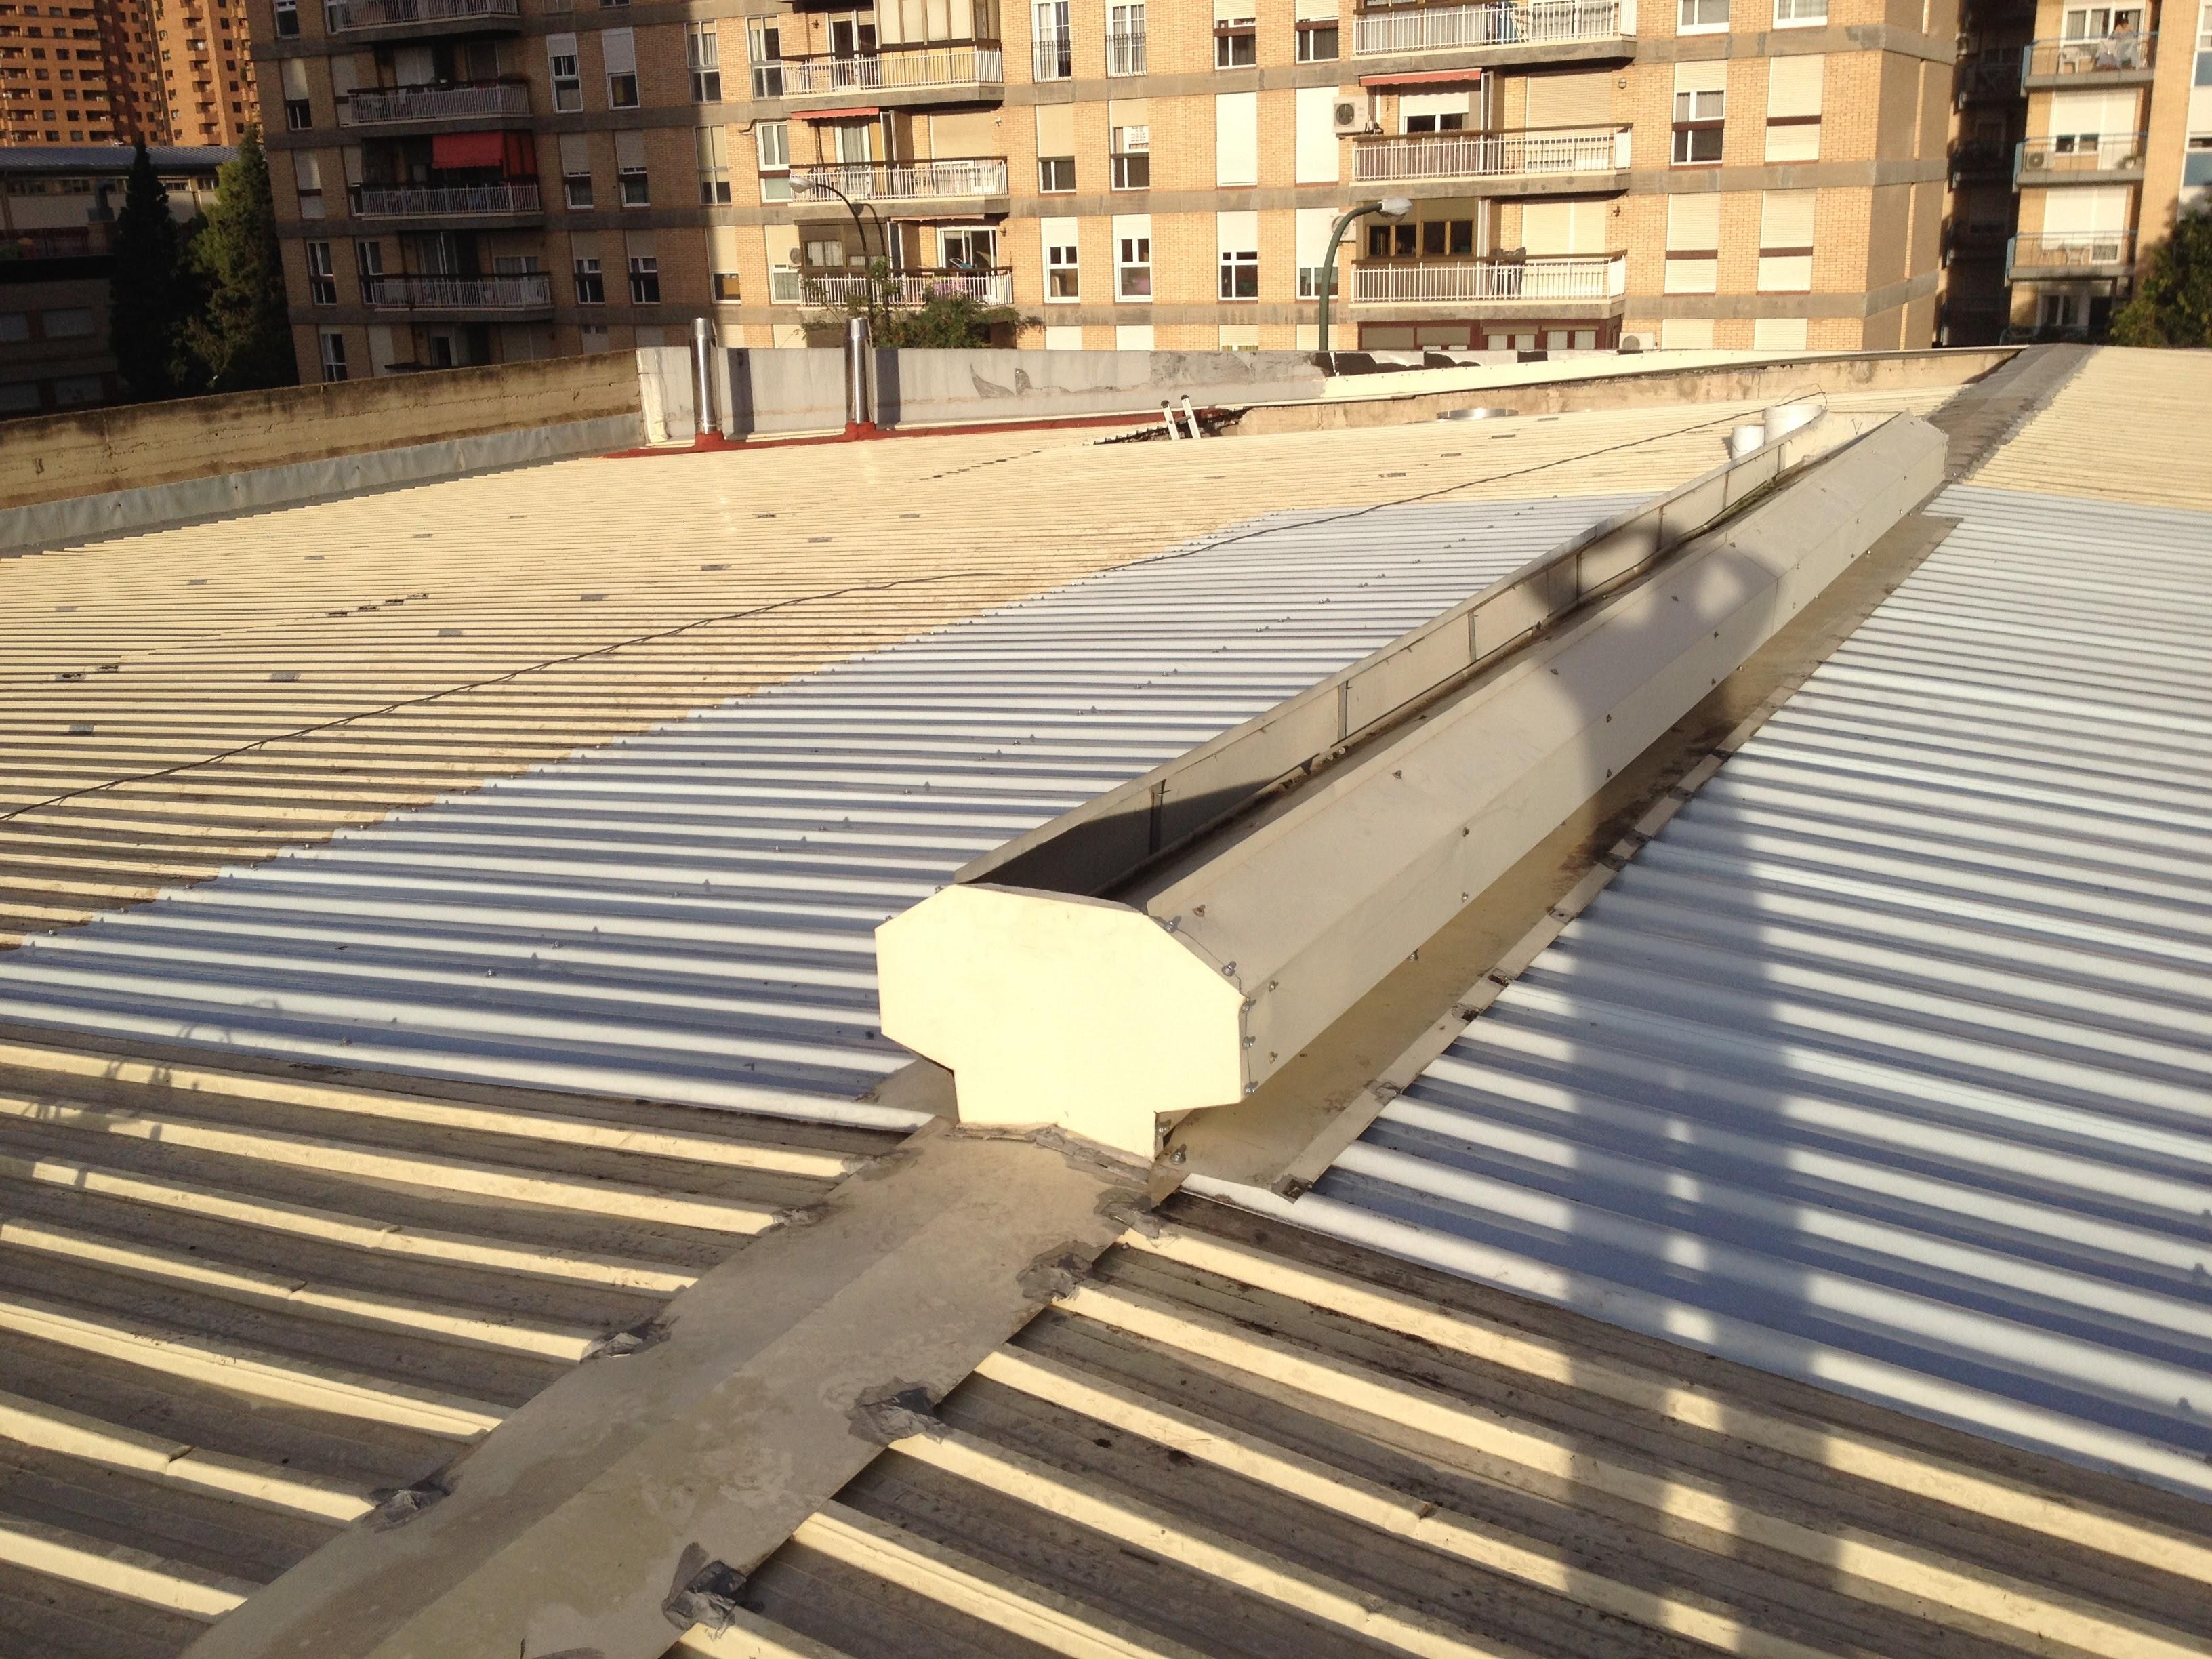 Sustitución de translúcidos en cubierta desmontaje y montaje de aireadores.